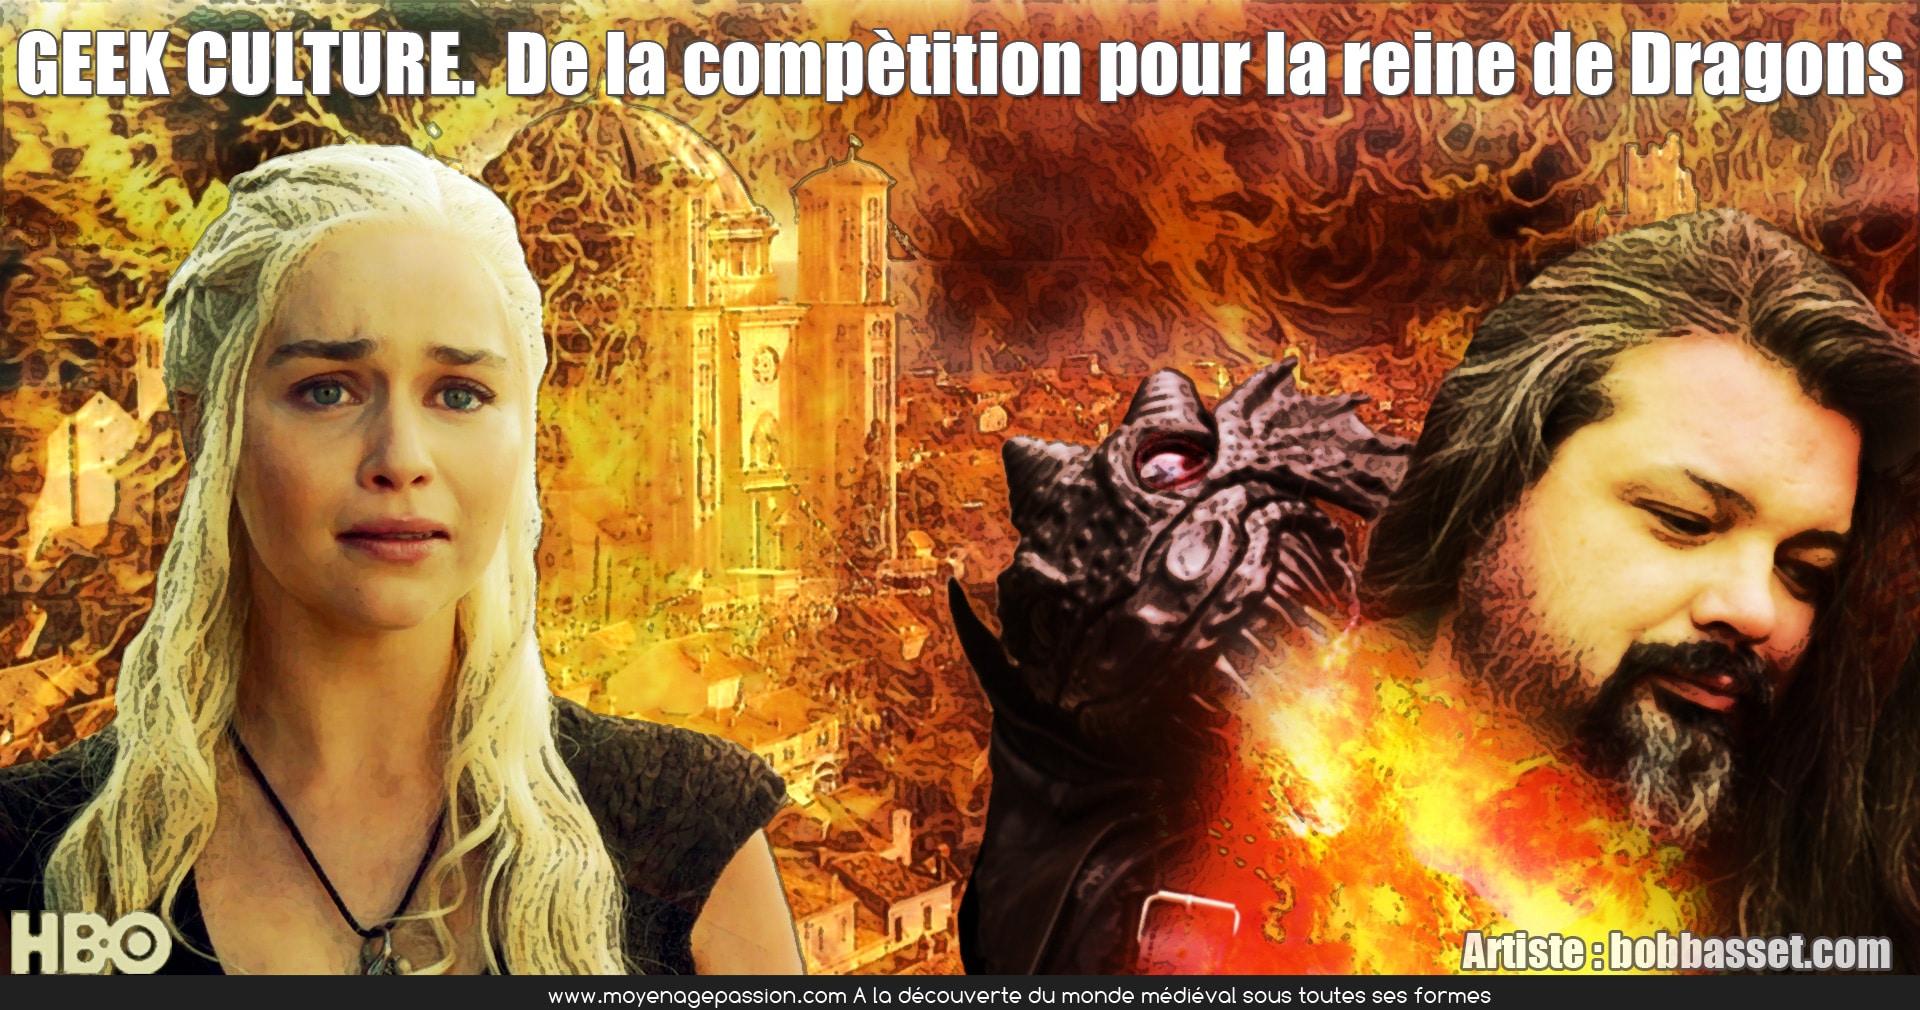 dragon_geek_fashion_medieval_fantaisie_daenarys_tagaryen_trone_de_fer